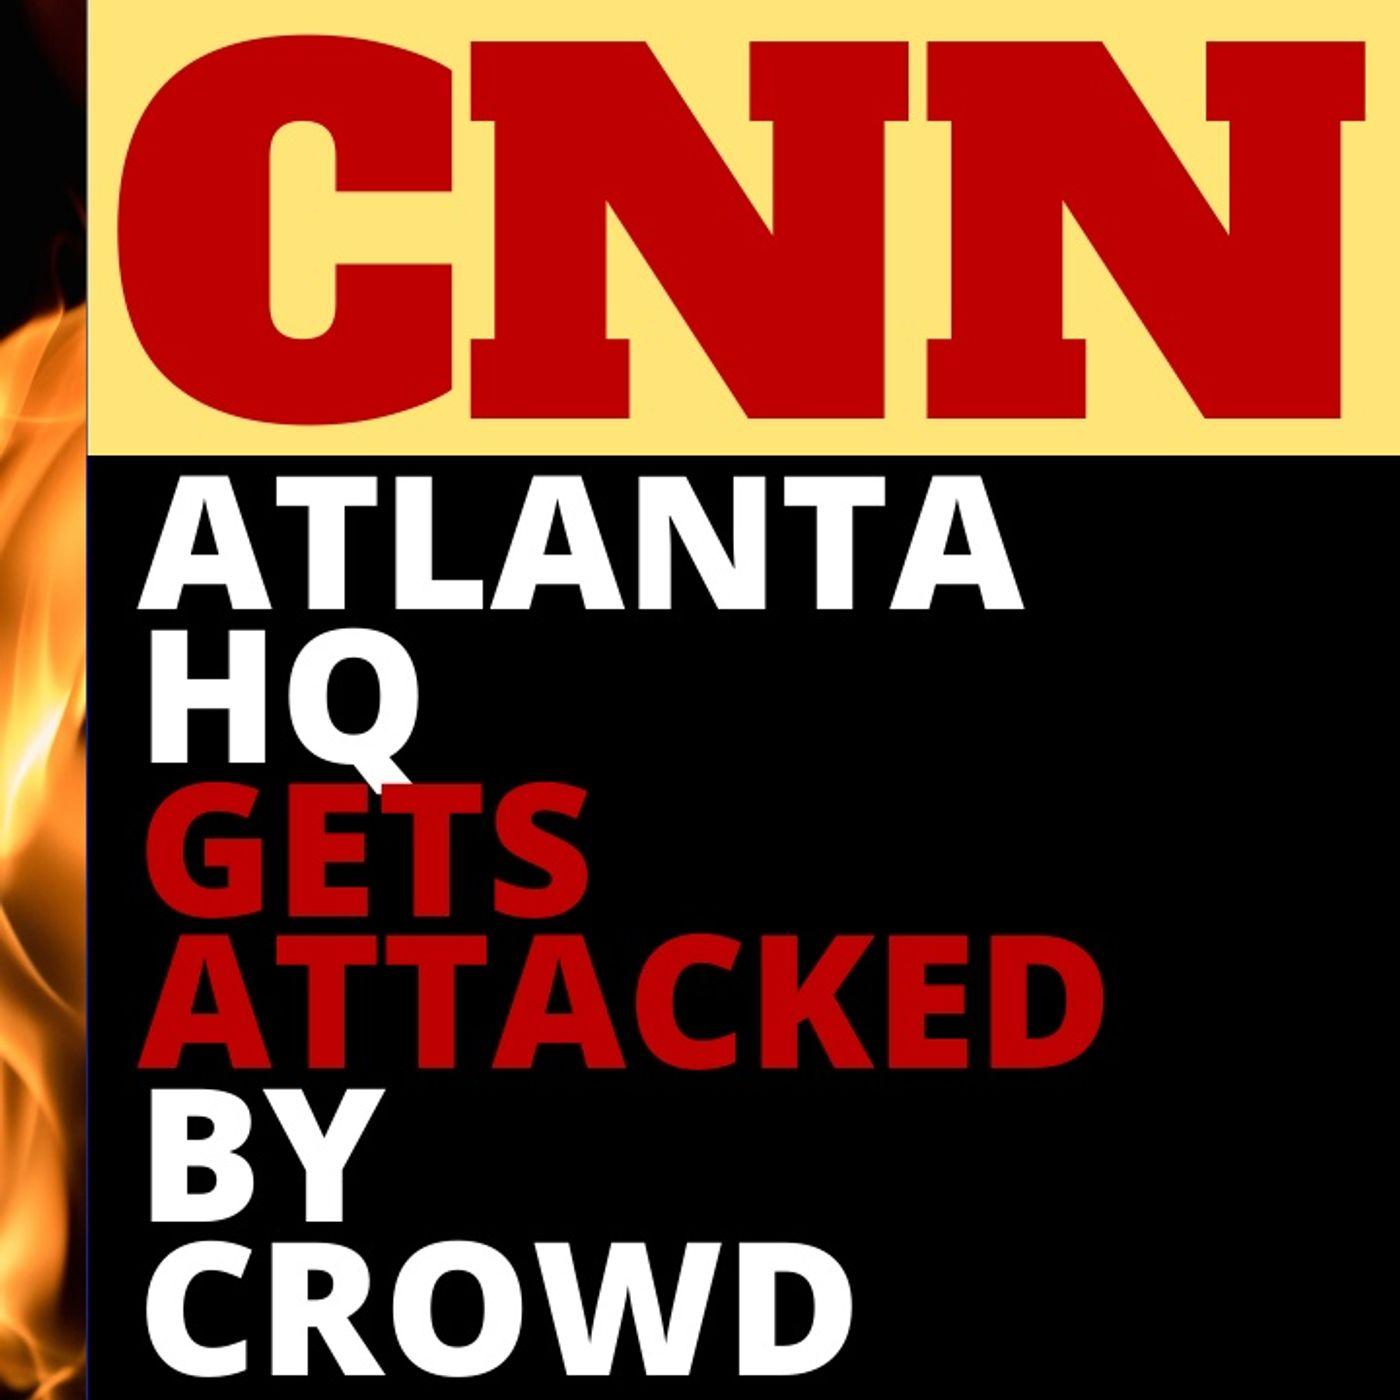 CNN ATLANTA HQ ATTACKED